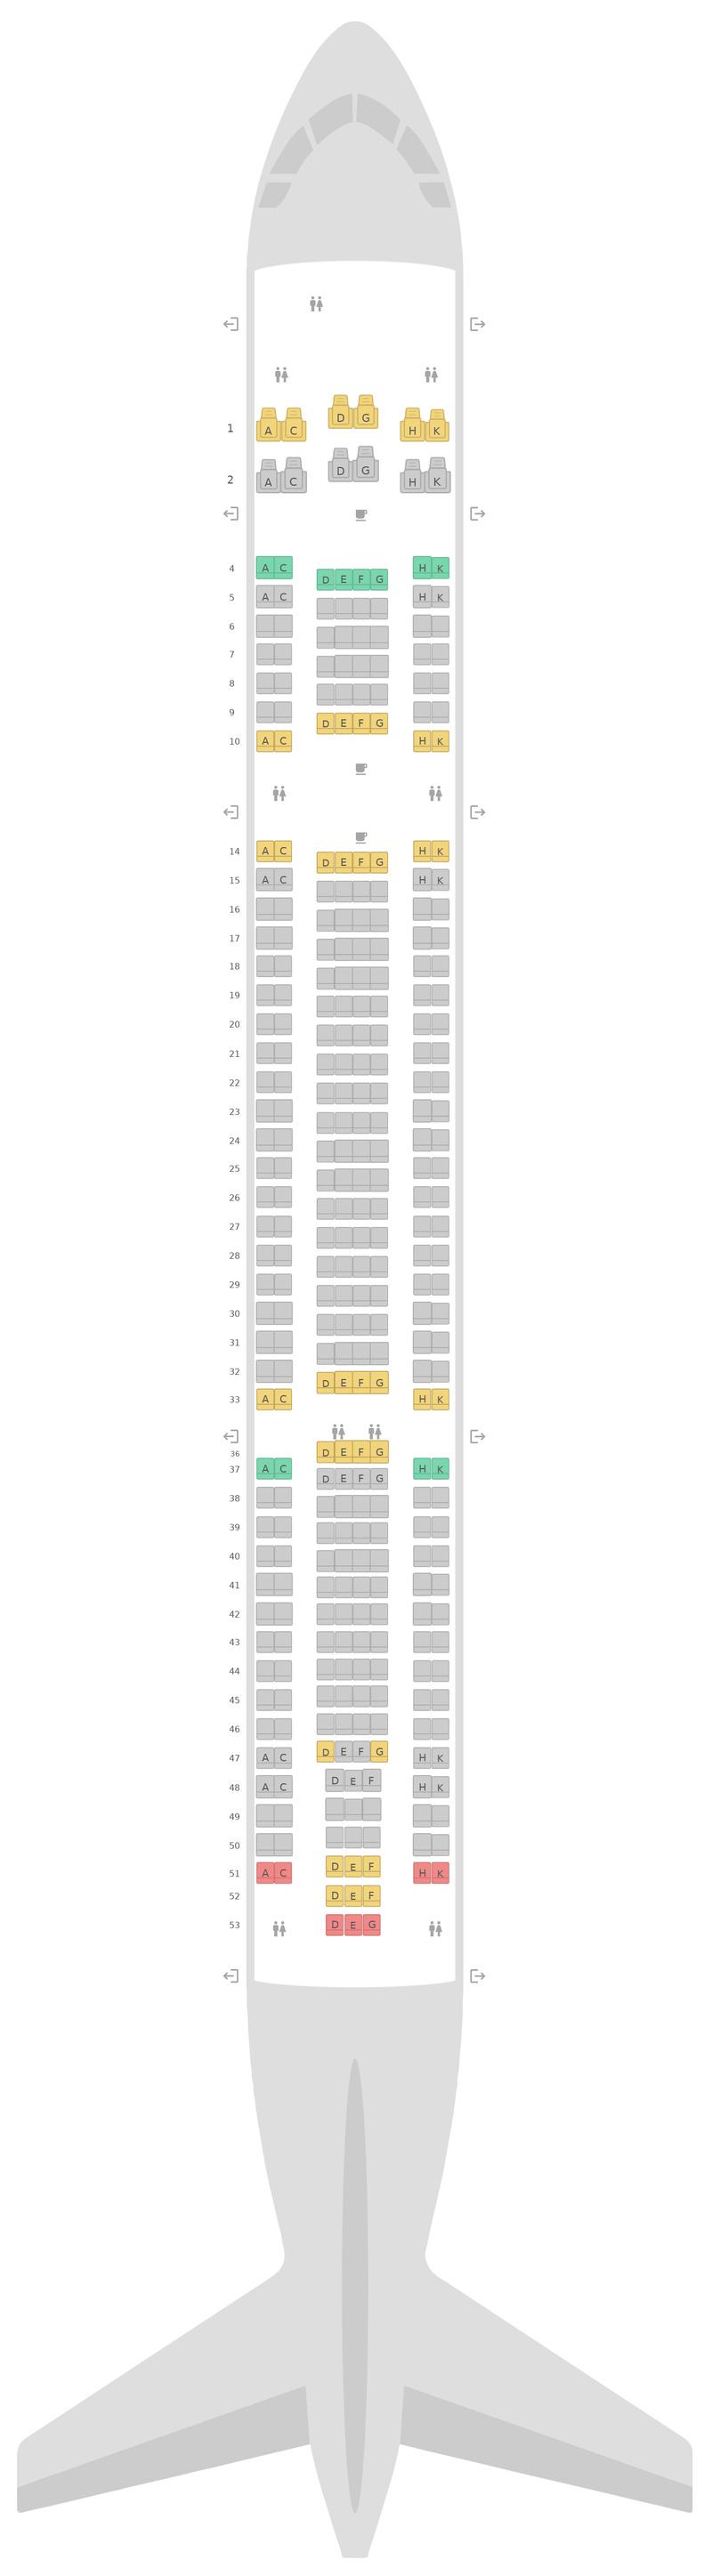 Sitzplan Airbus A330-300 (333) v2 Air Transat